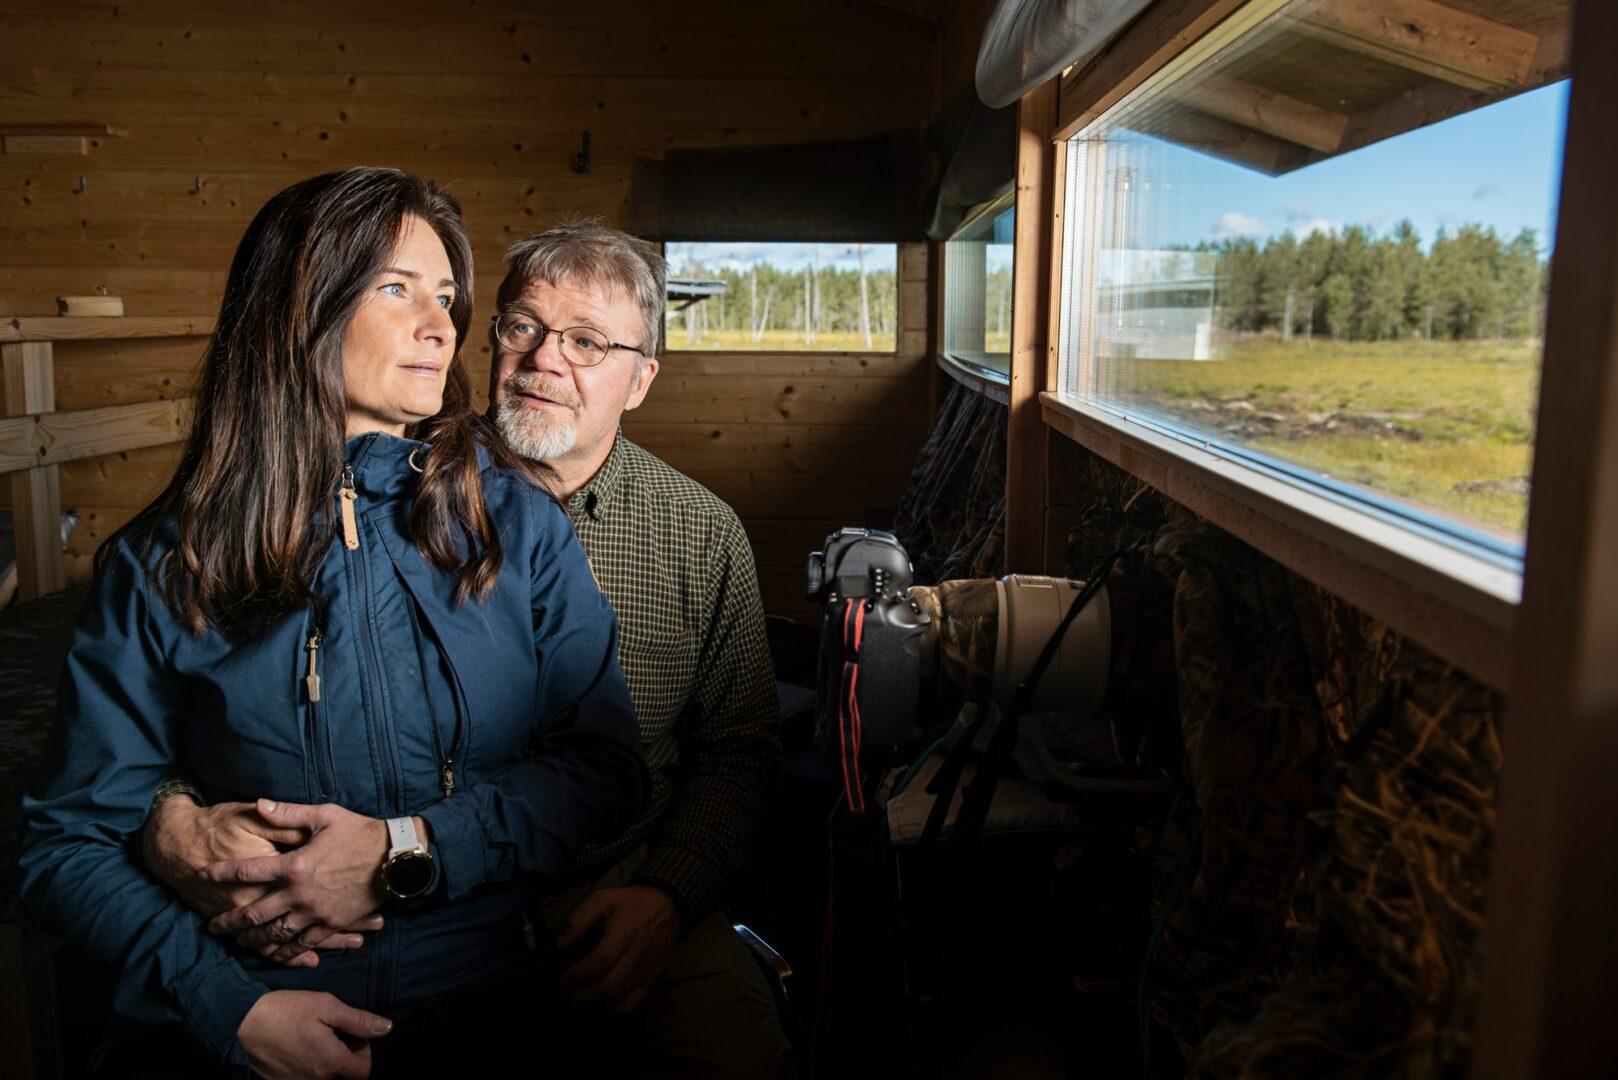 Anne ja Lassi Rautiainen viettivät aiemmin yksin lukemattomia öitä piilokojussa petoeläimiä kuvaamassa. Suhde syttyi, kun Anne rohkaistui ehdottamaan yhteistä piilokojuyötä.